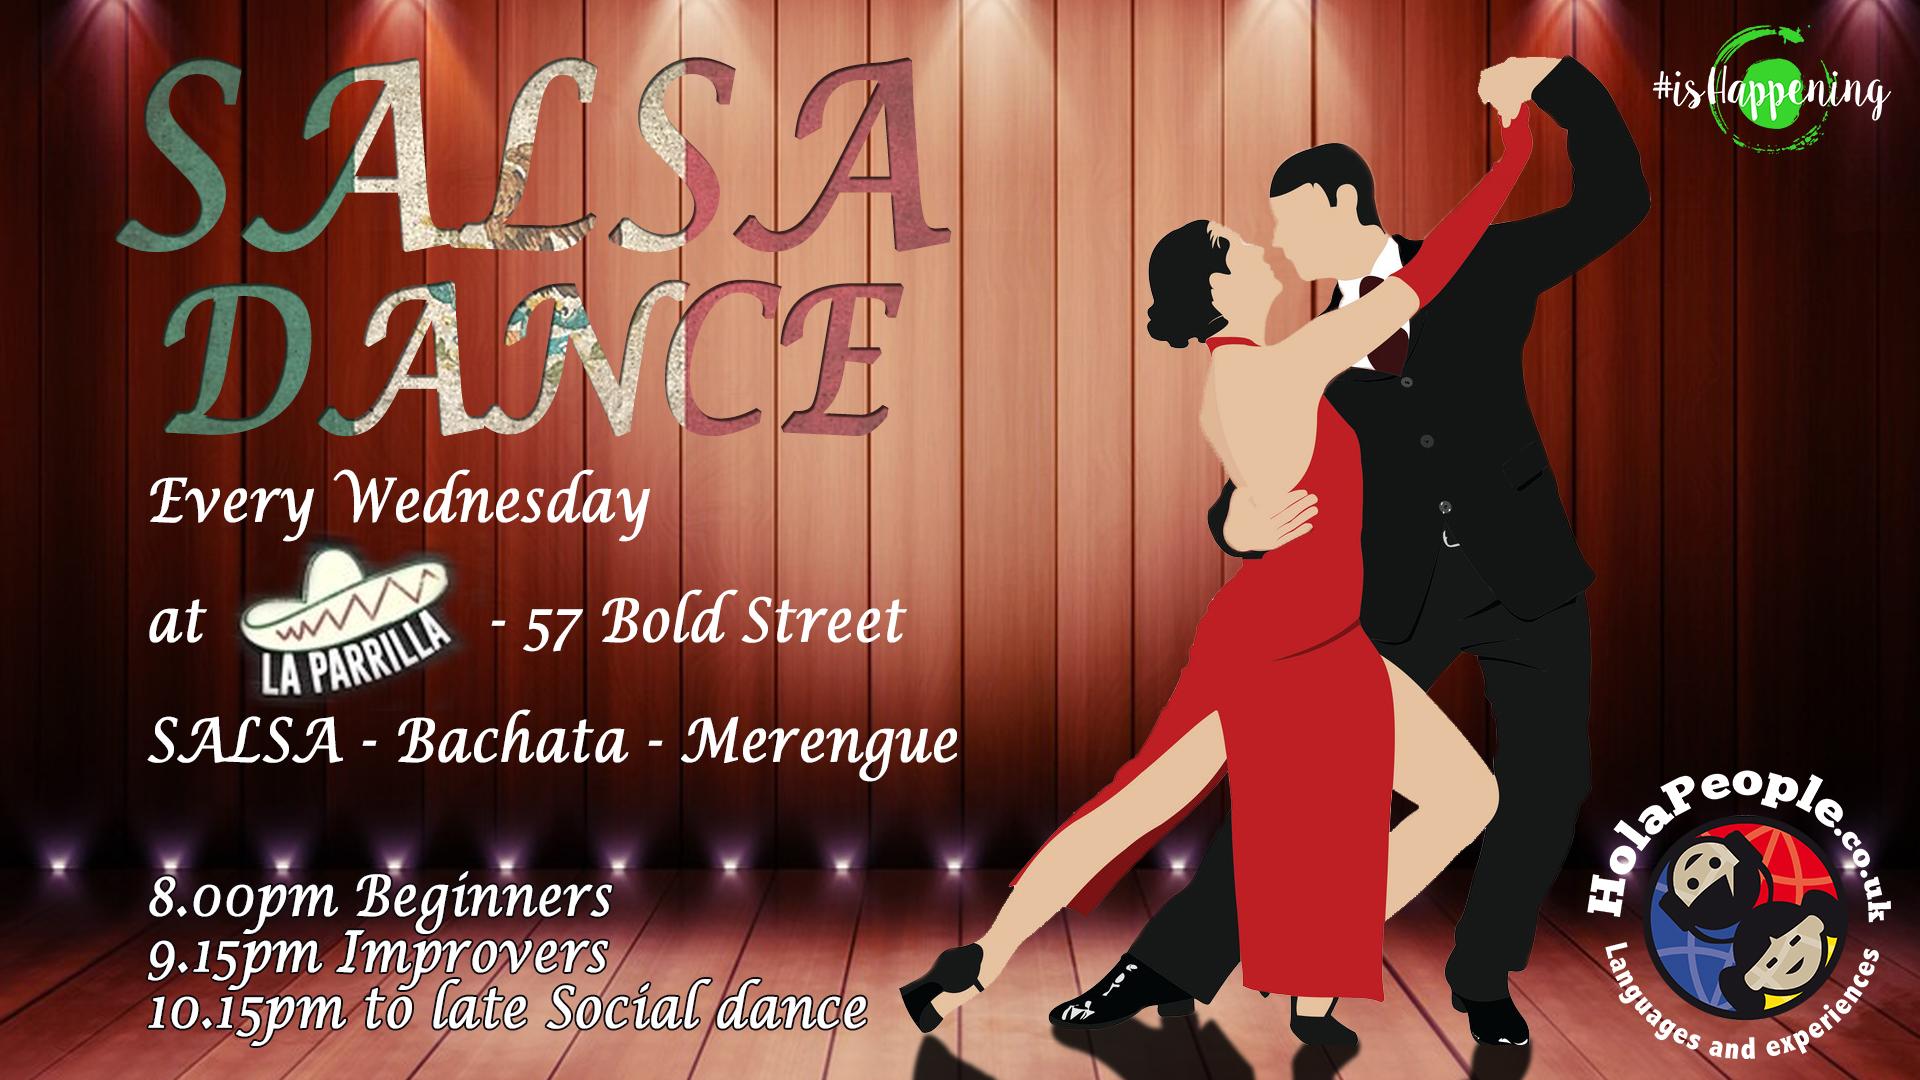 Salsa classes at La Parrilla